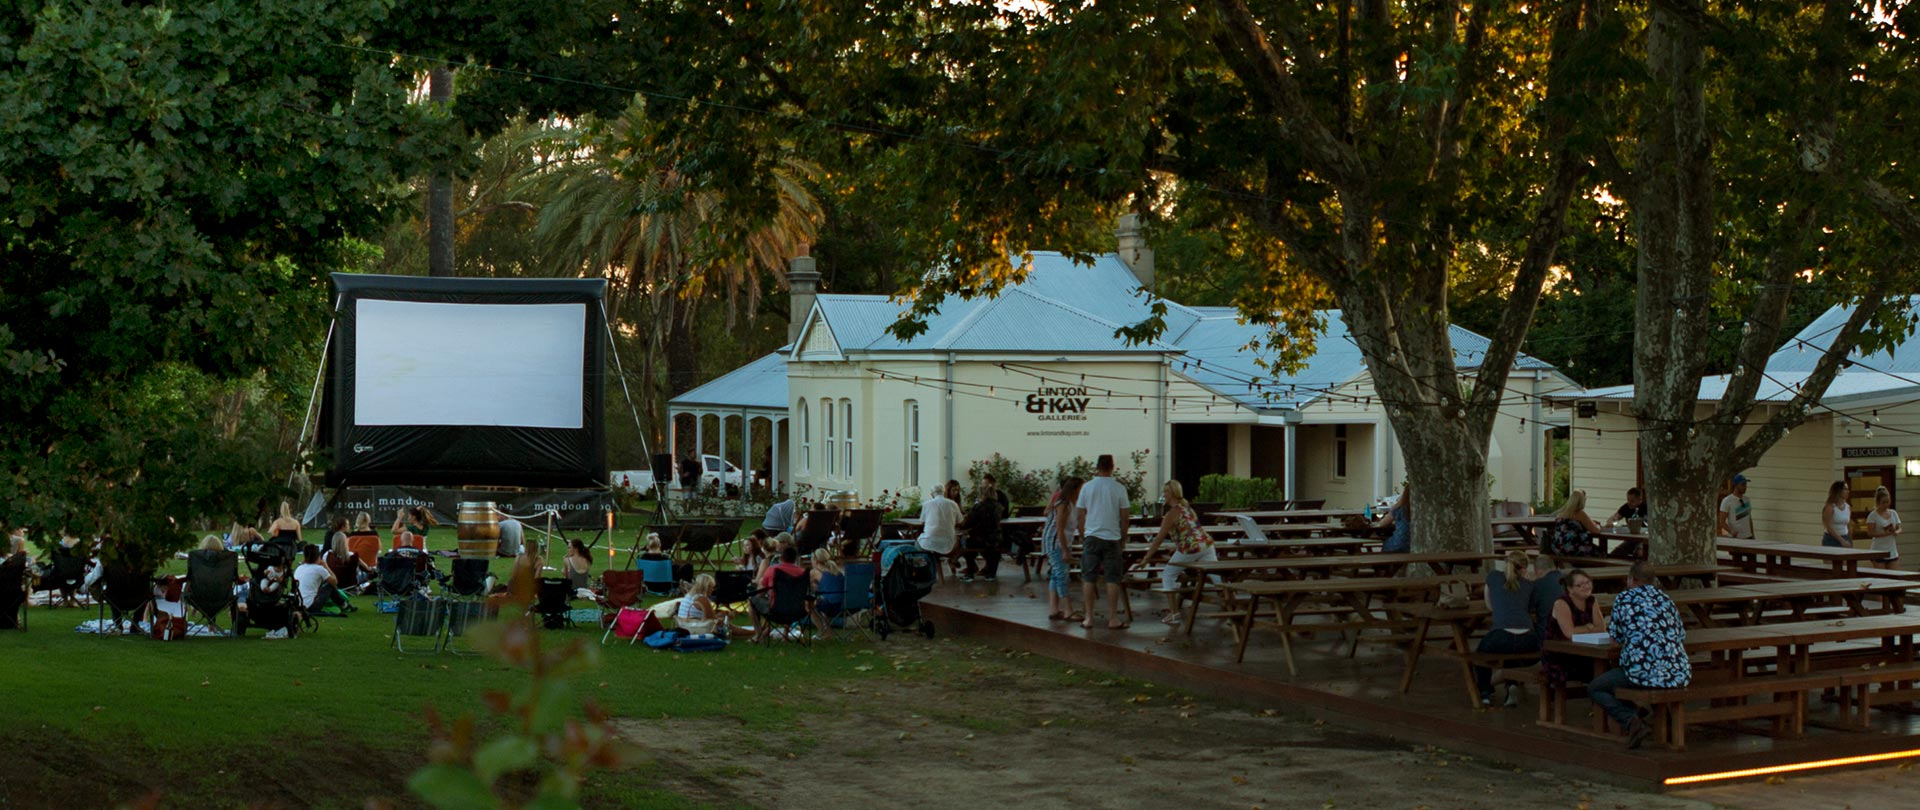 Outdoor Cinema Hire Perth